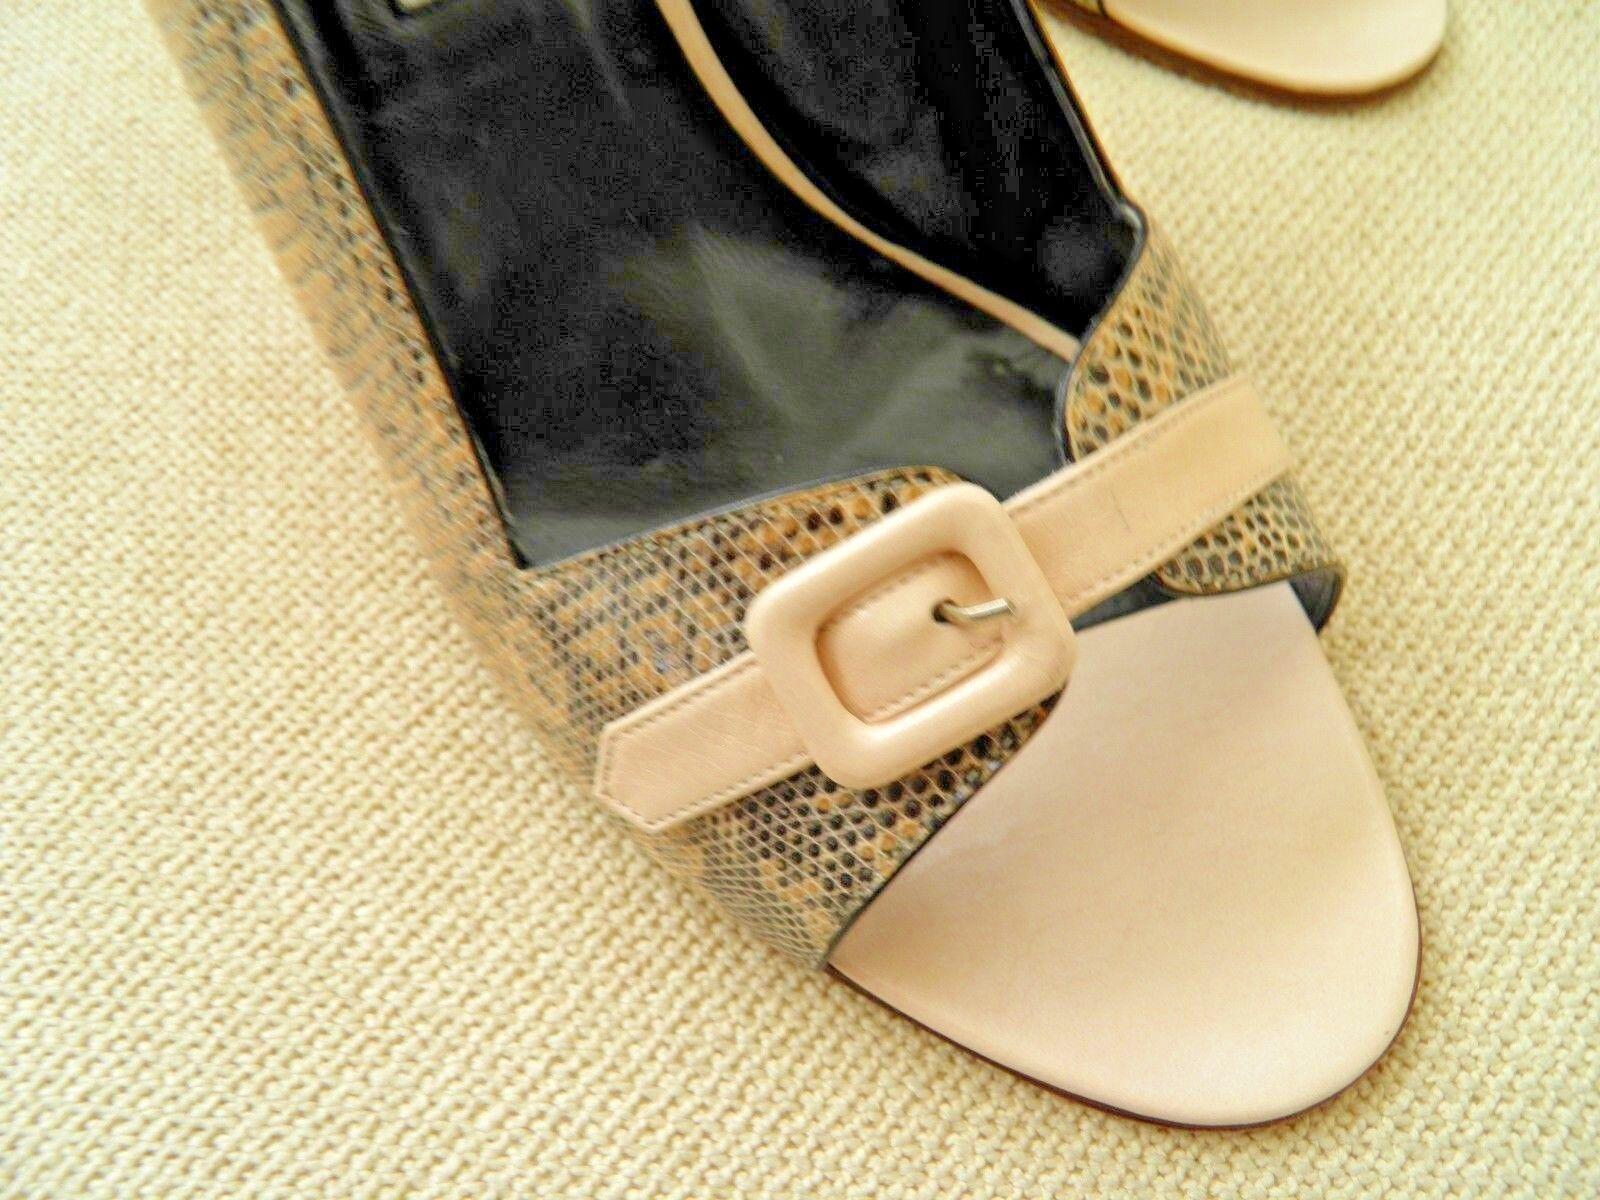 Manolo Leder/Snakeskin Blahnik Beige  Leder/Snakeskin Manolo Peep Toe Buckle Slingback Sandals 39.5 4b20f2